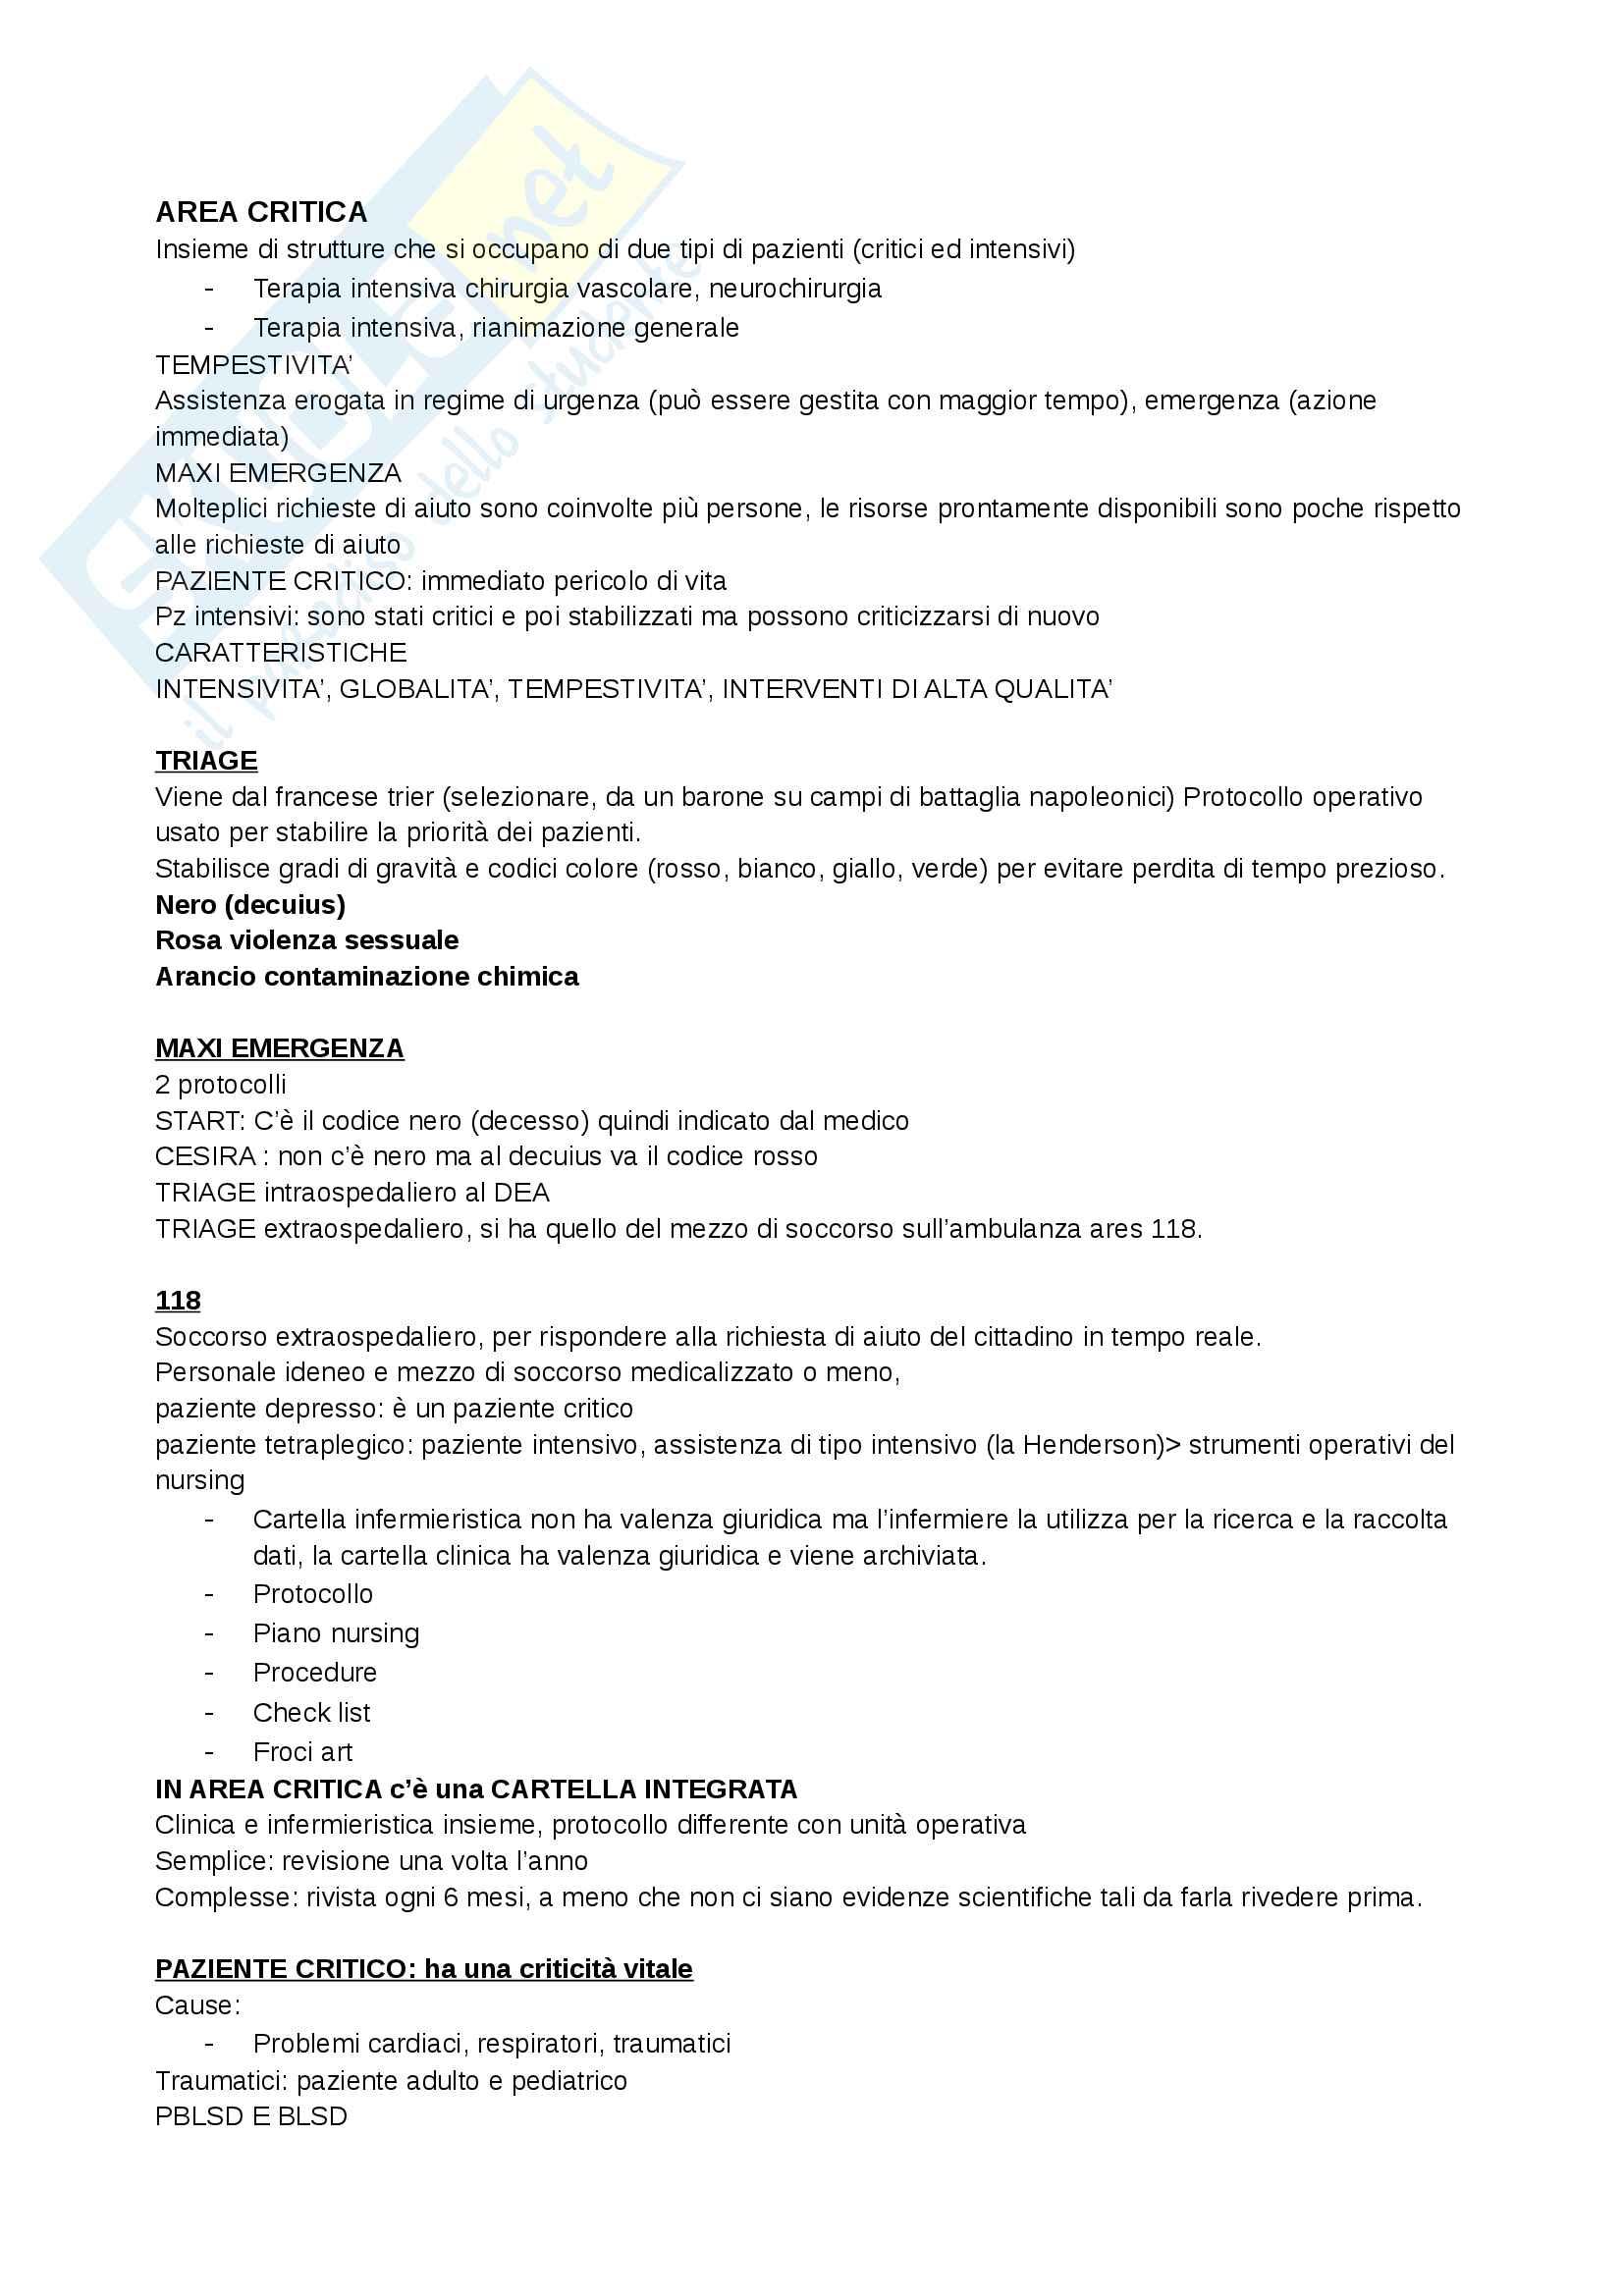 appunto P. Mariani Infermieristica clinica in area critica